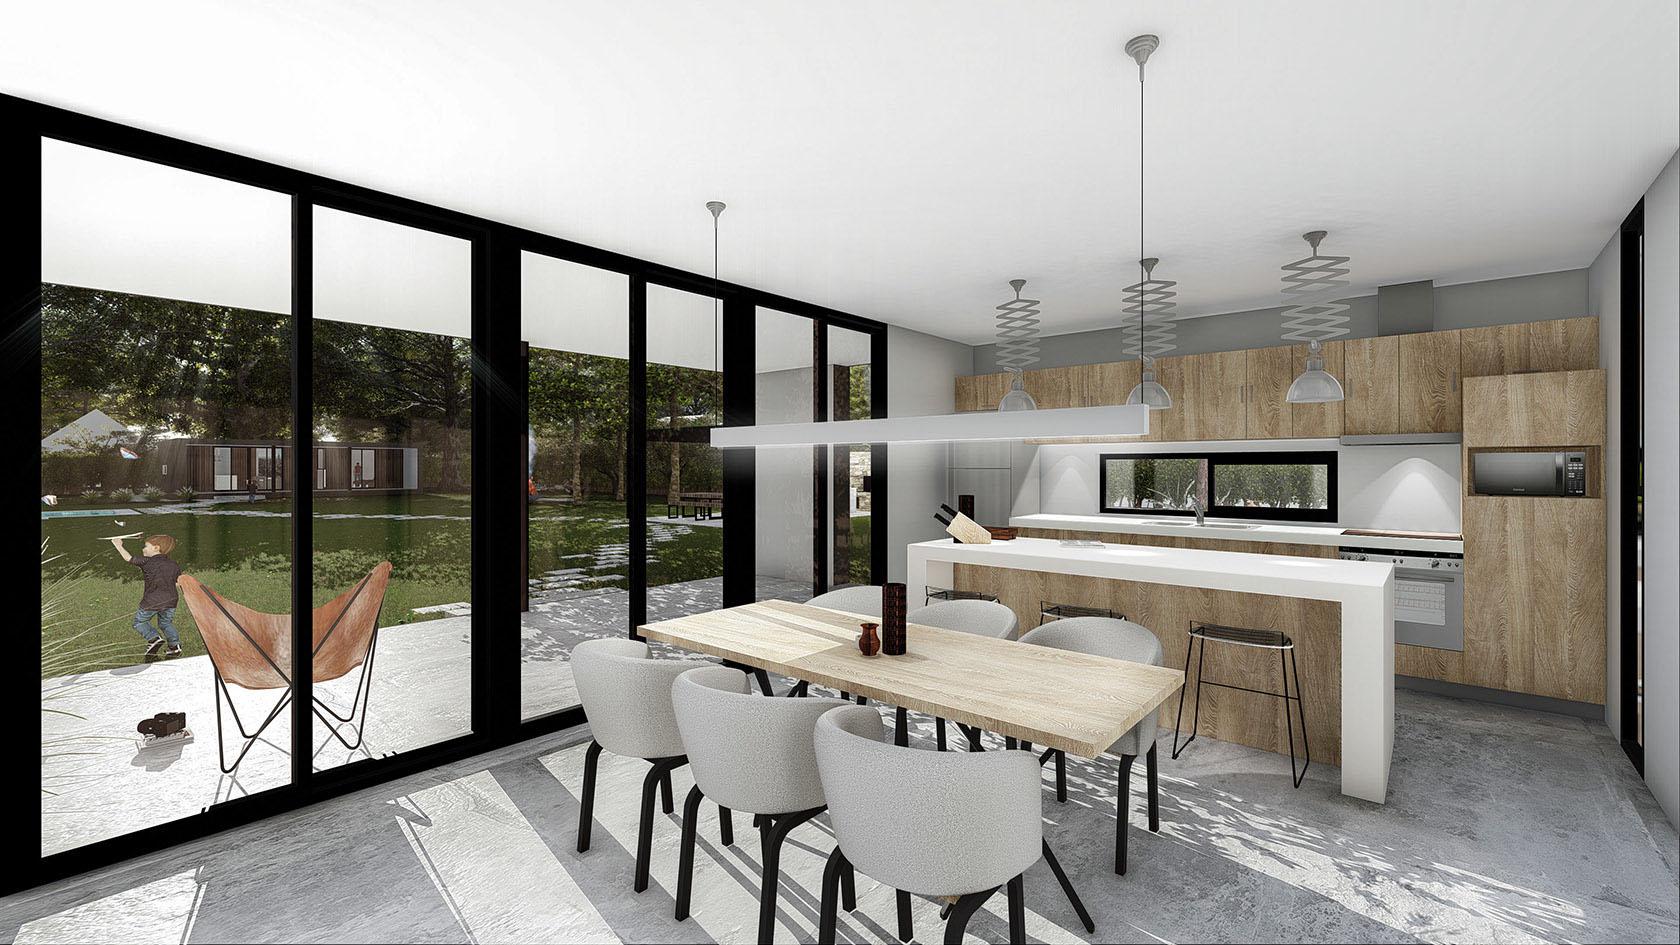 Casas con grandes visuales al exterior, diseño interior de cocinas en madera, casas con ambientes luminosos.